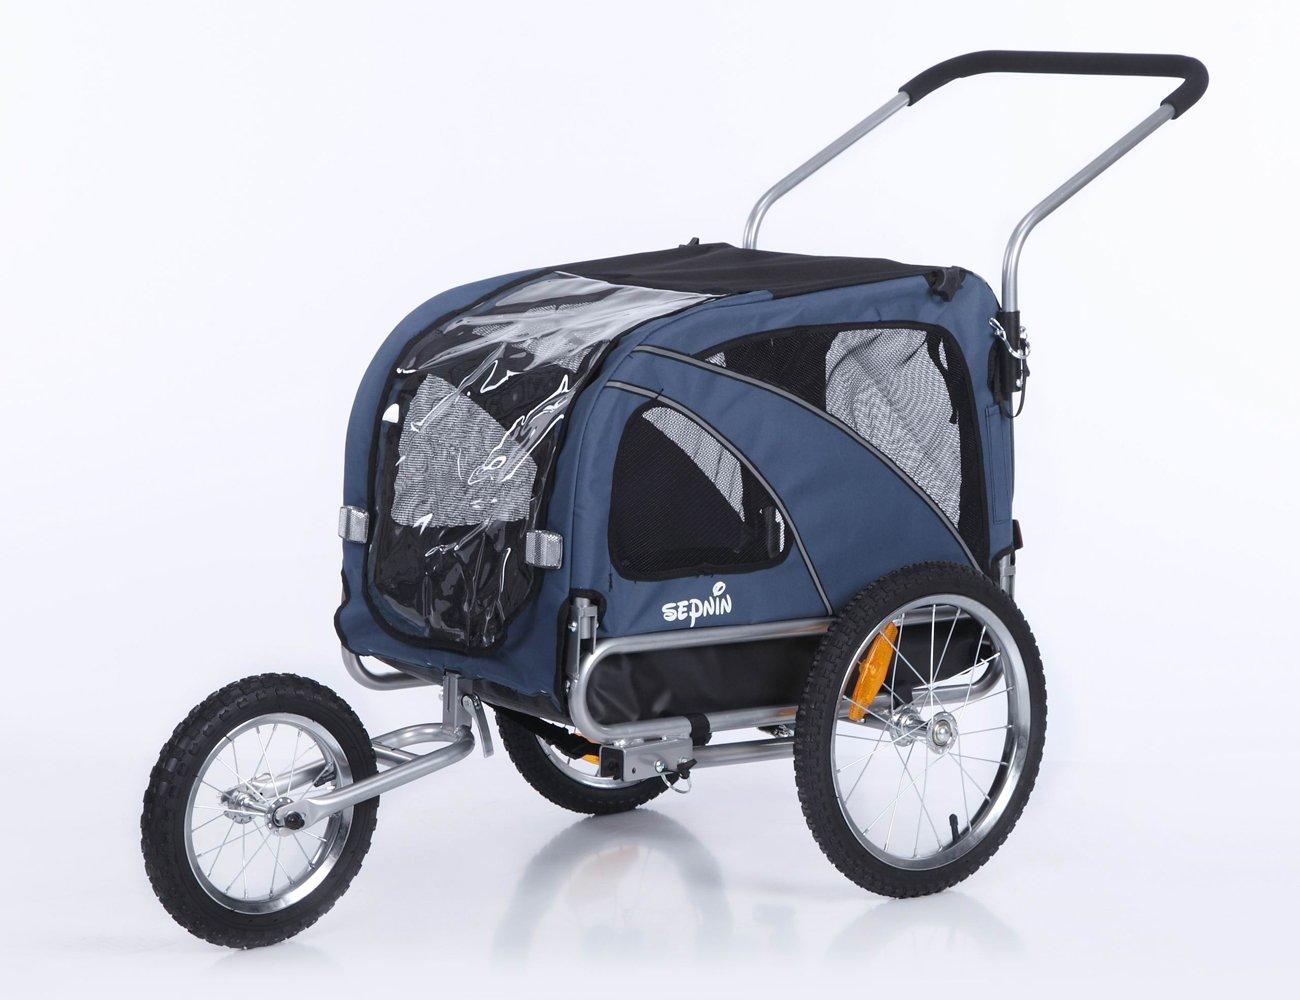 Sepnine 2 in1 medium pet dog bike trailer bicycle carrier and stroller jogger 10201 (blue)